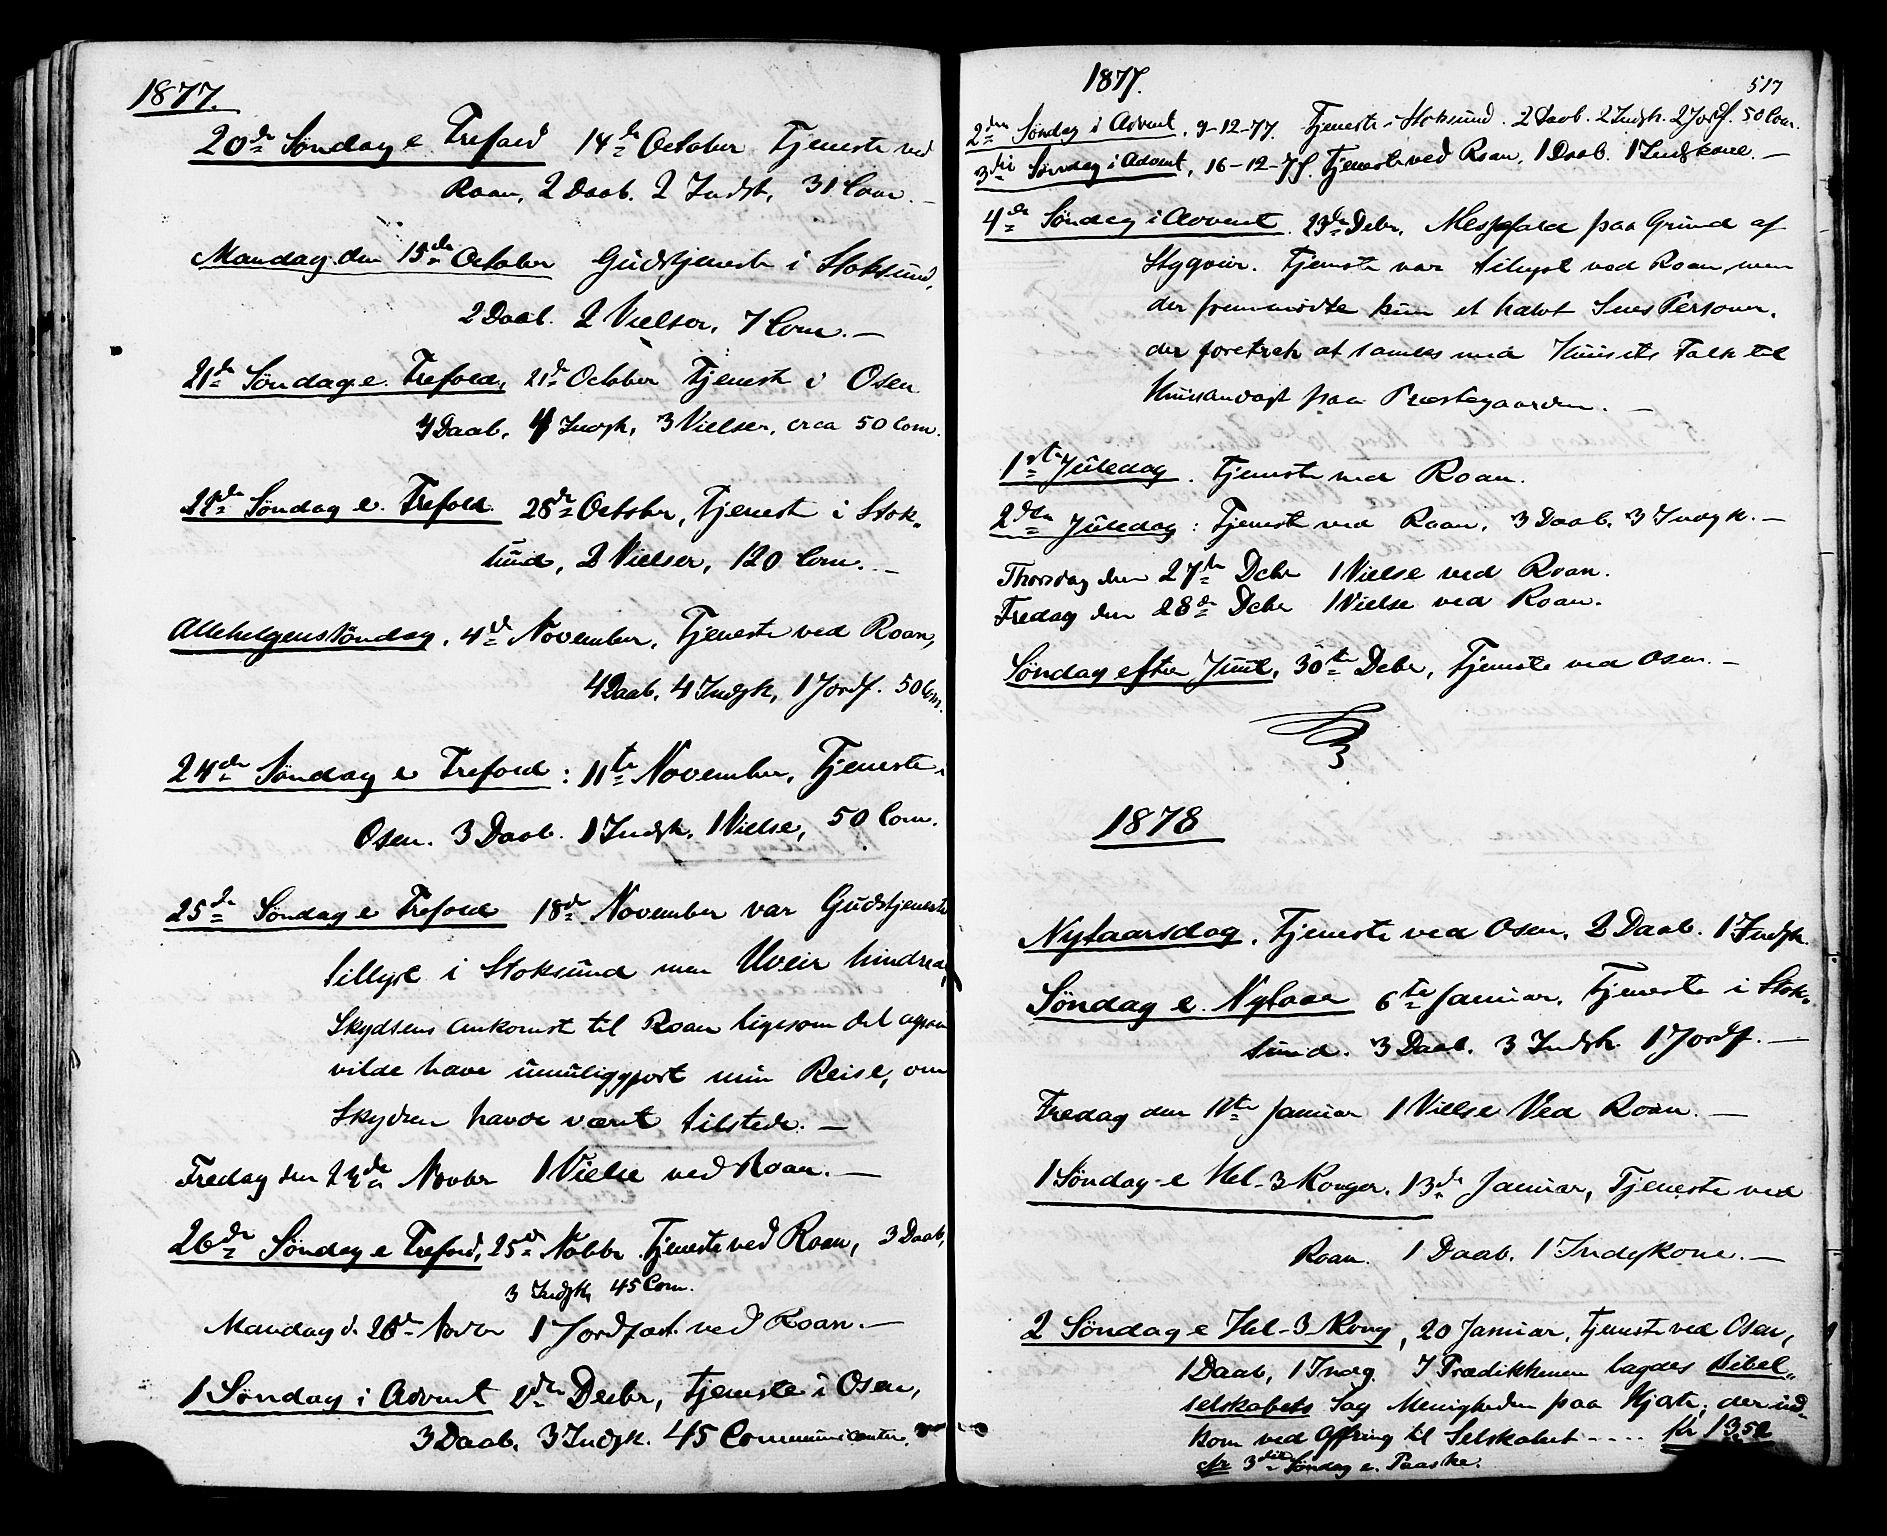 SAT, Ministerialprotokoller, klokkerbøker og fødselsregistre - Sør-Trøndelag, 657/L0706: Ministerialbok nr. 657A07, 1867-1878, s. 517